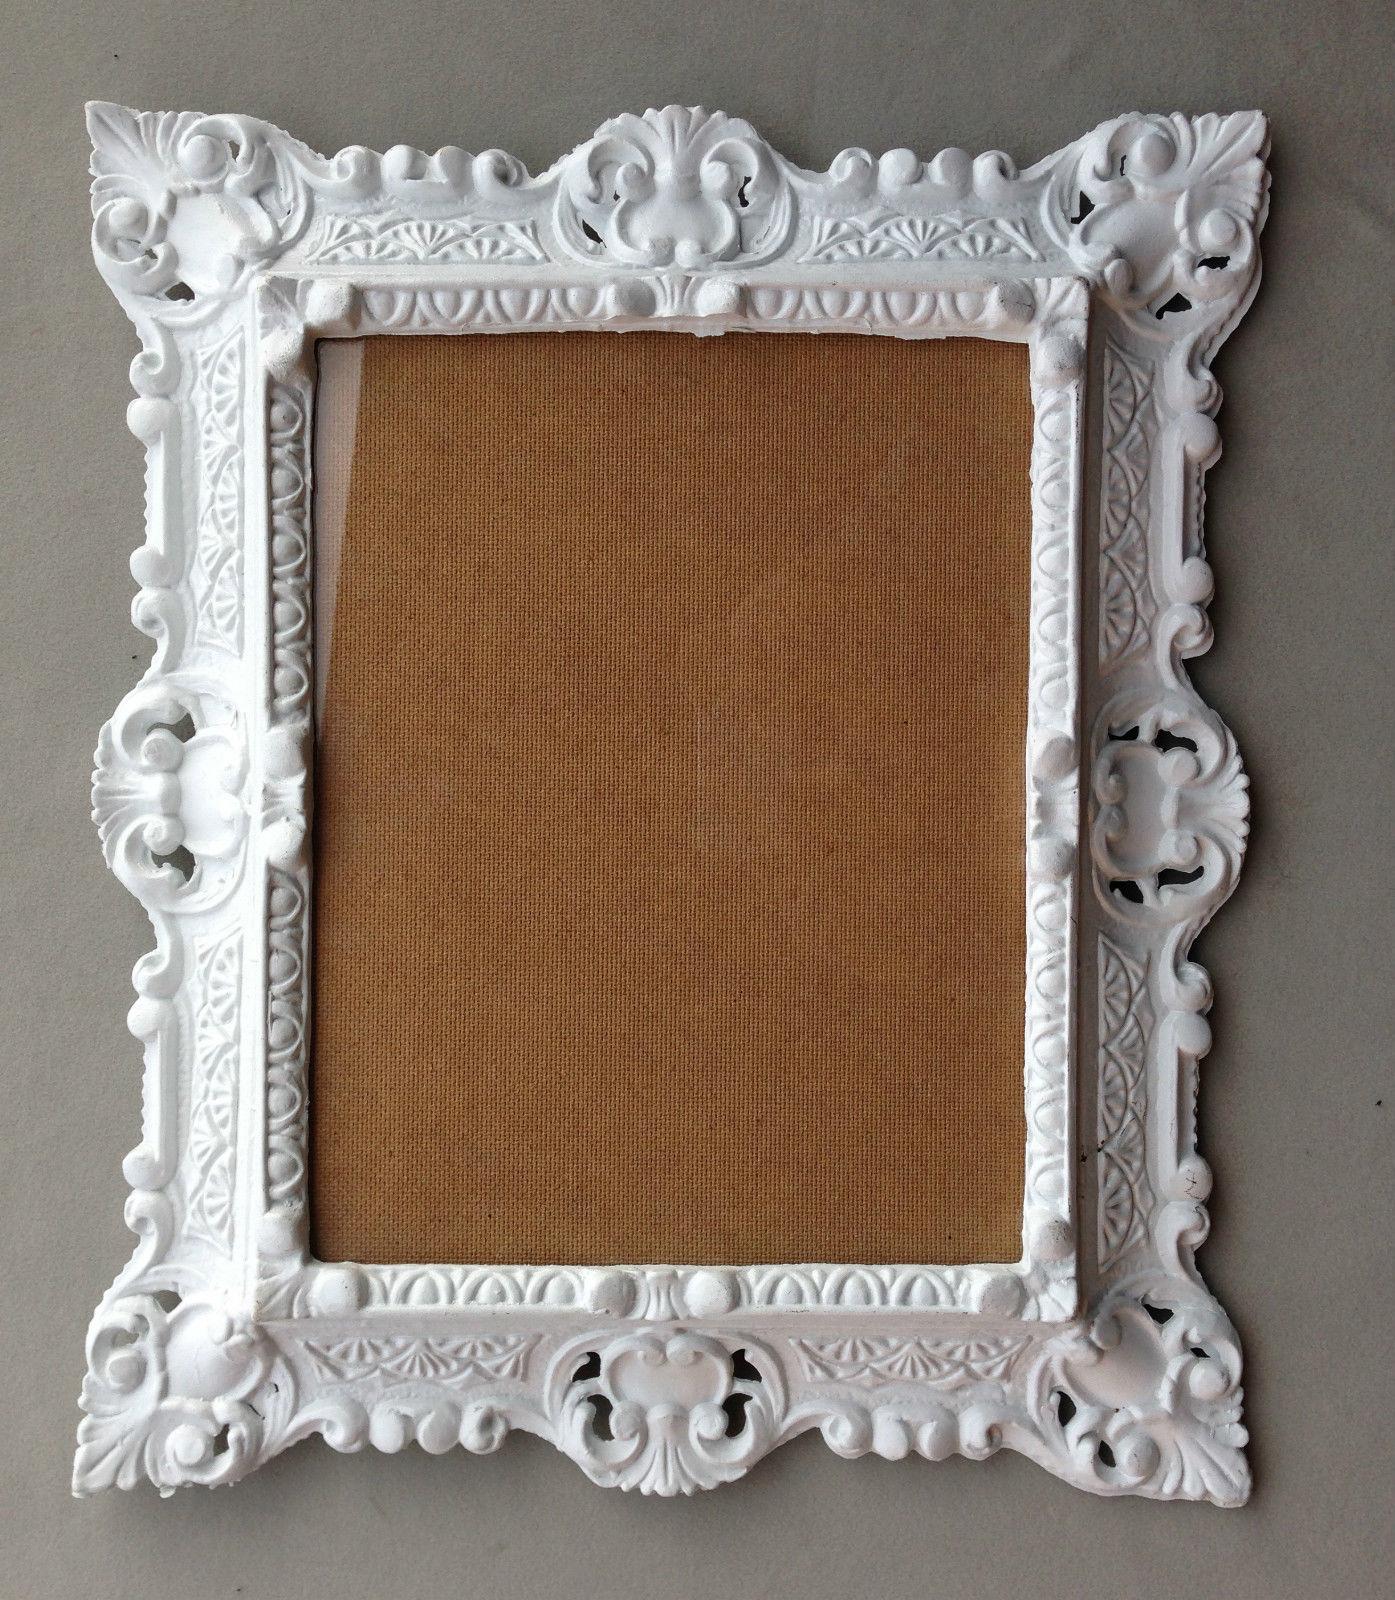 Bilderrahmen Weiß mit Glas Rechteckig Barock Rahmen Antik 44x38 ...